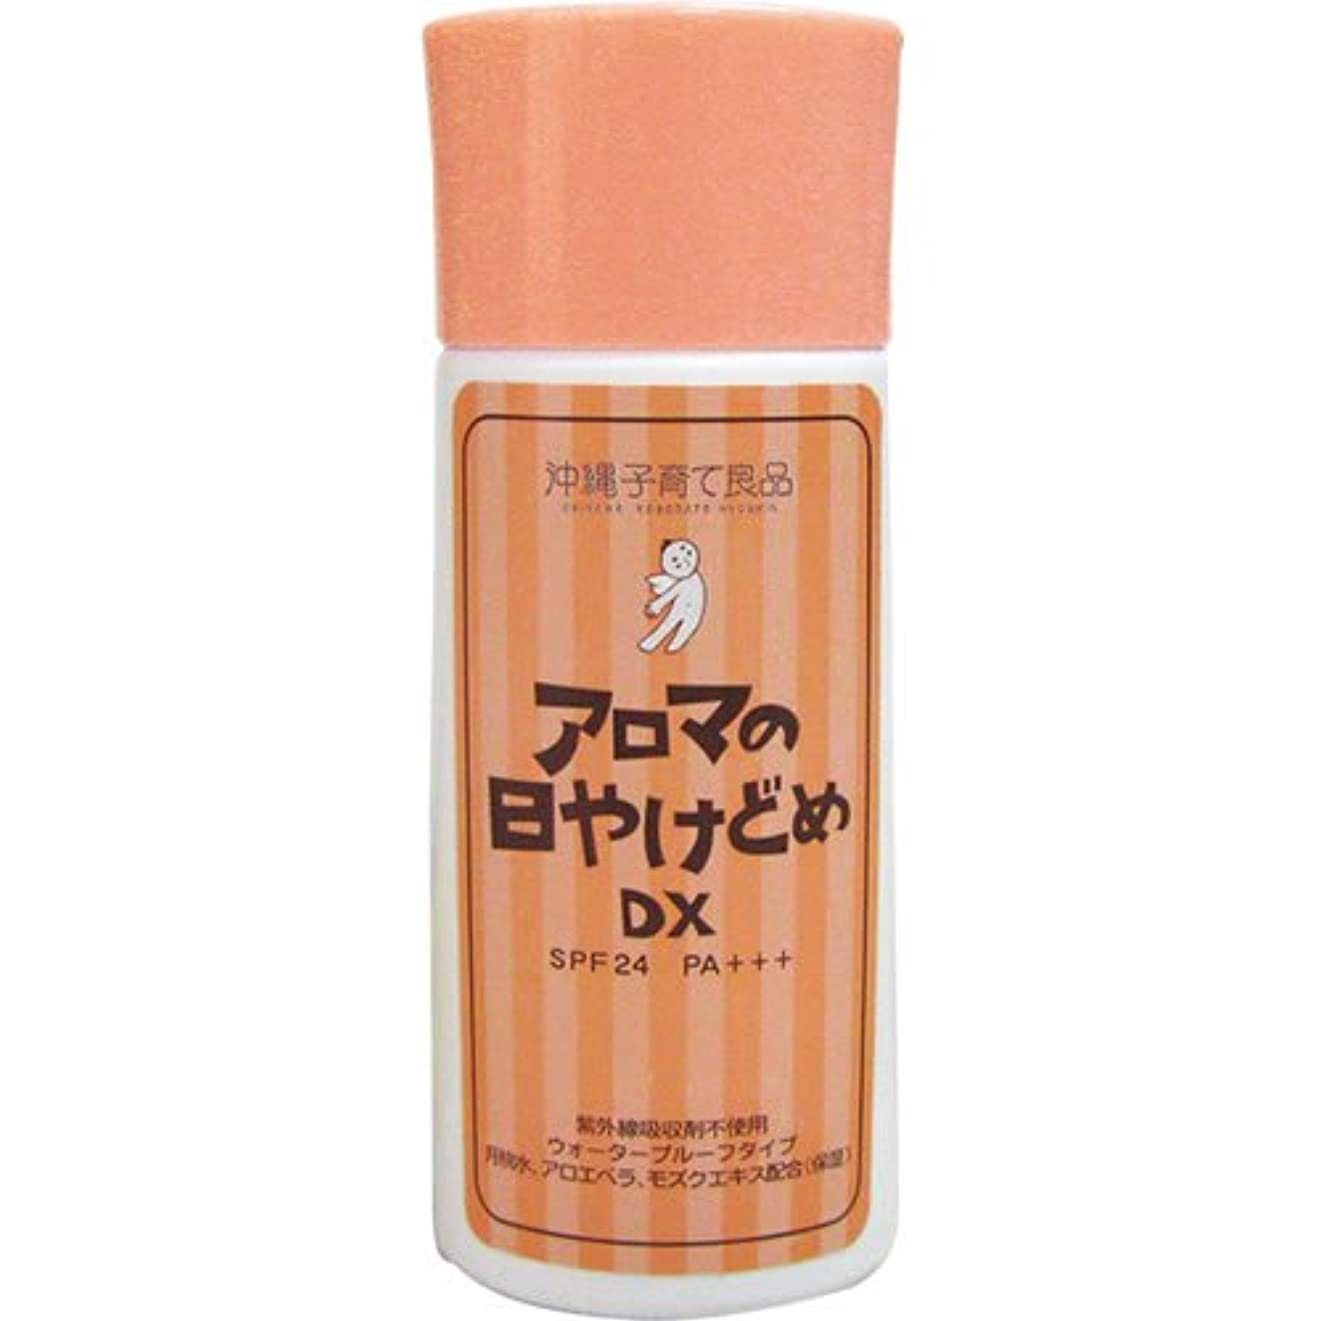 接辞ジョグタイトル紫外線吸収剤不使用 無添加 敏感肌 アロマの日焼け止めDX SPF24 PA+++ 45ml